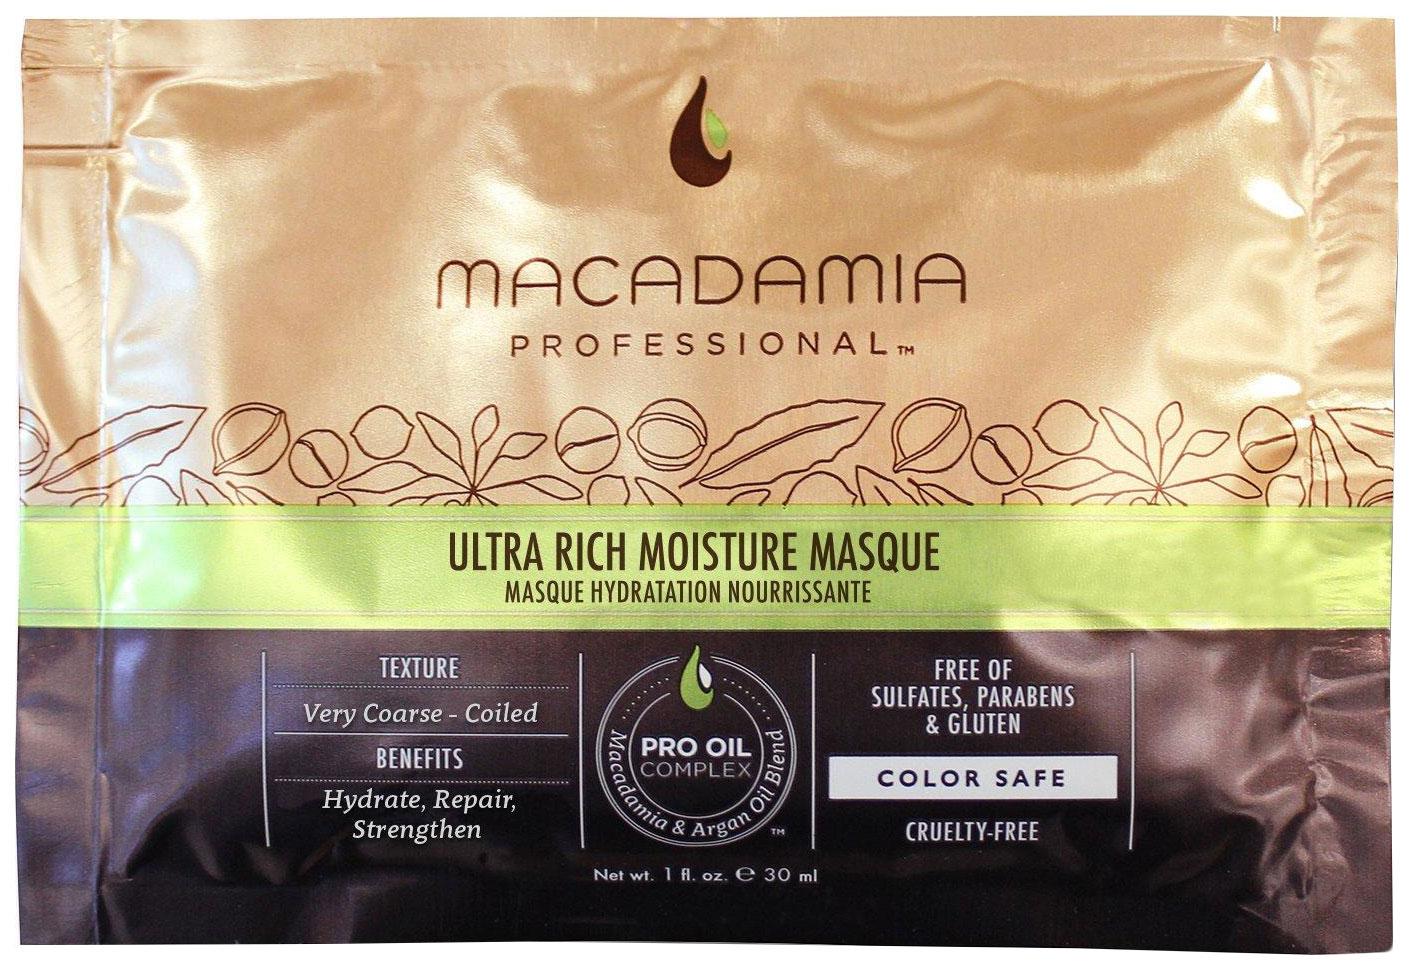 Купить Маска для волос Macadamia Nourishing Moisture Masque 30 мл